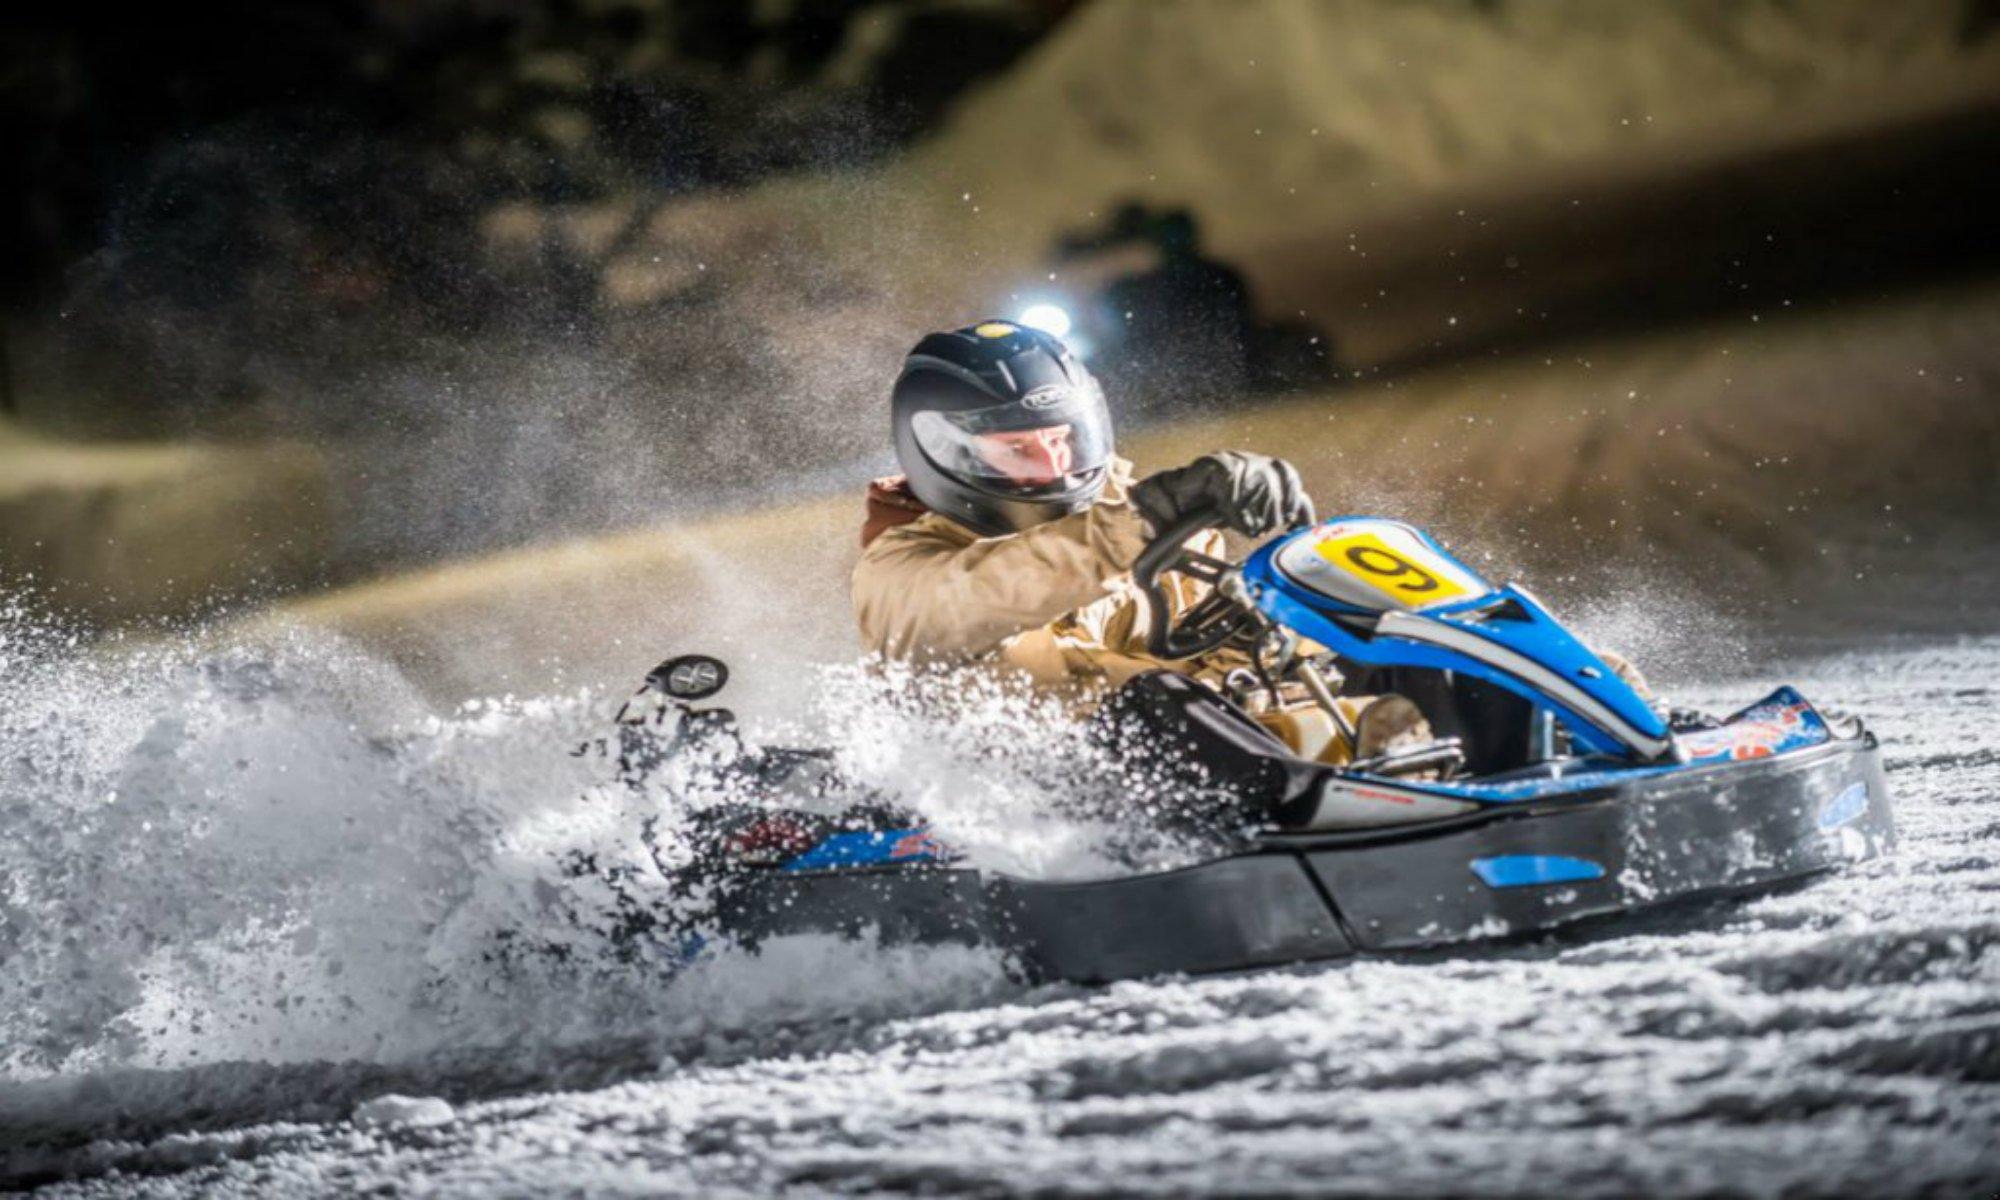 A kart pilot enjoying a snowy karting run.